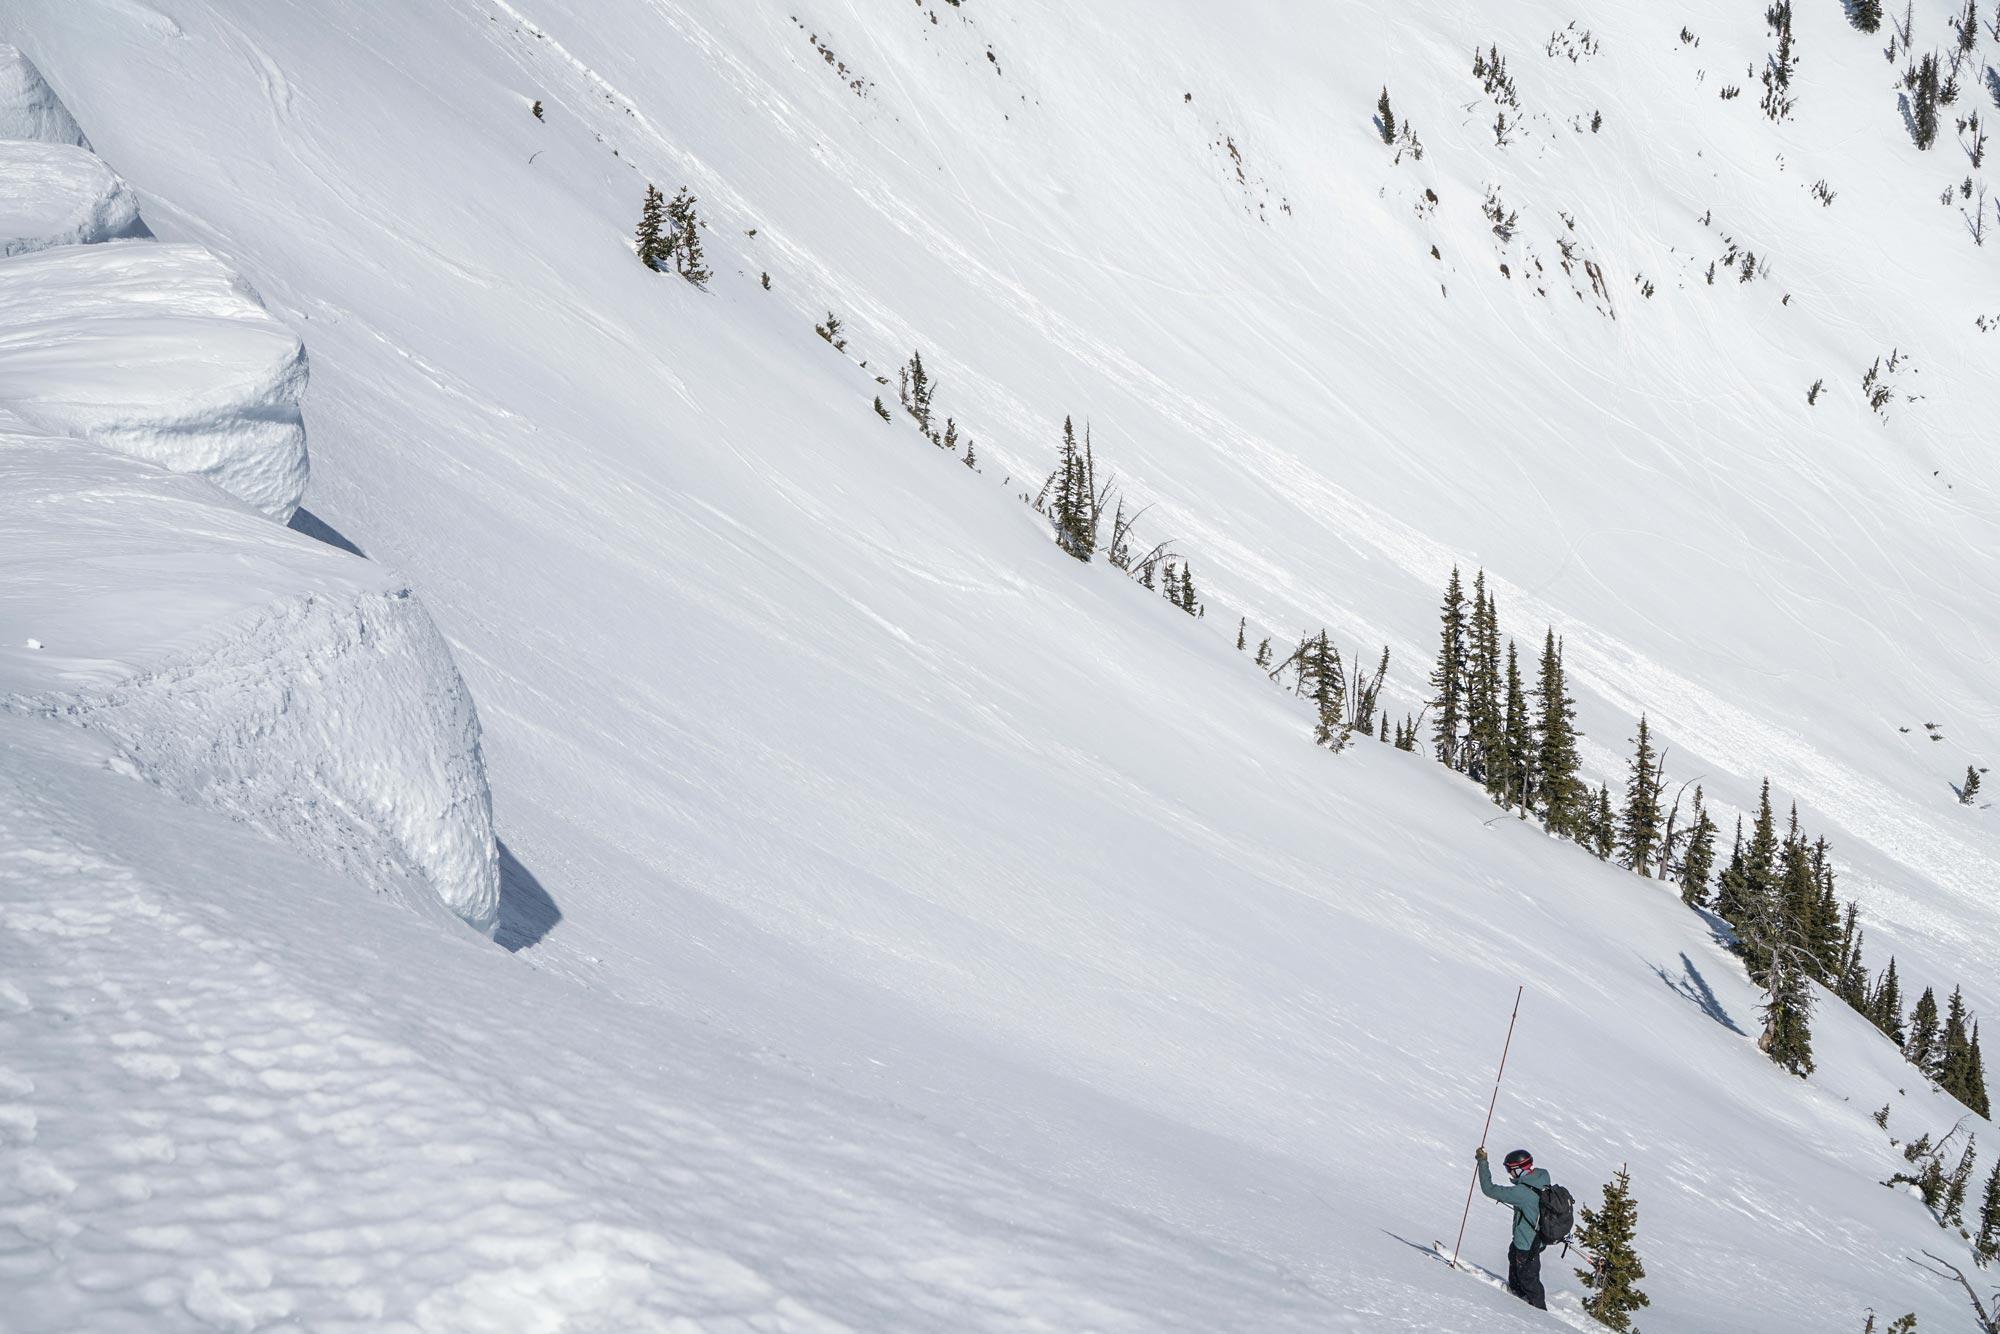 Alex probing on saddle peak